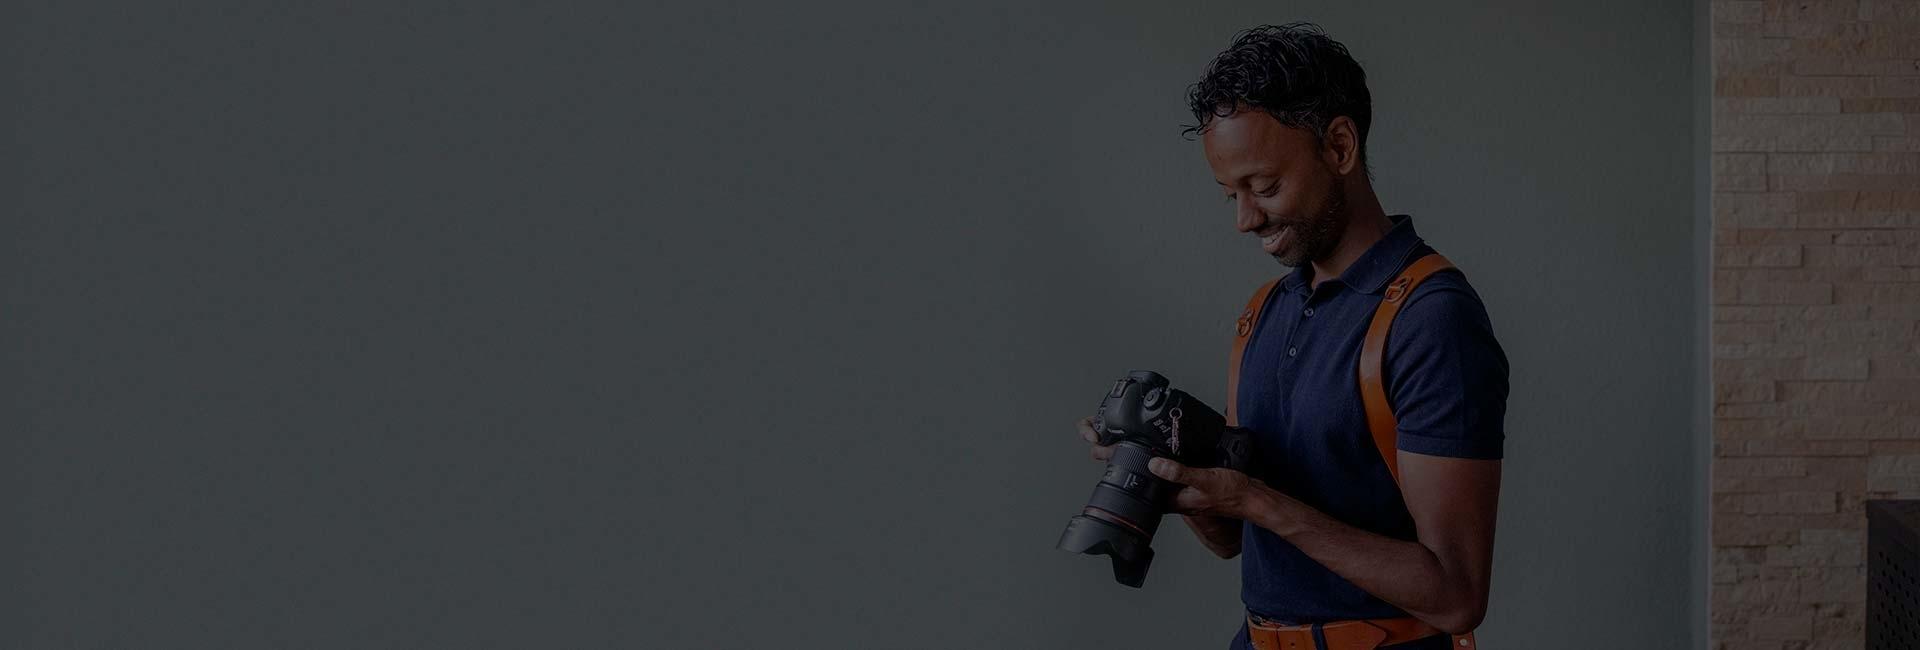 trouwfotograaf Daan - over Daan